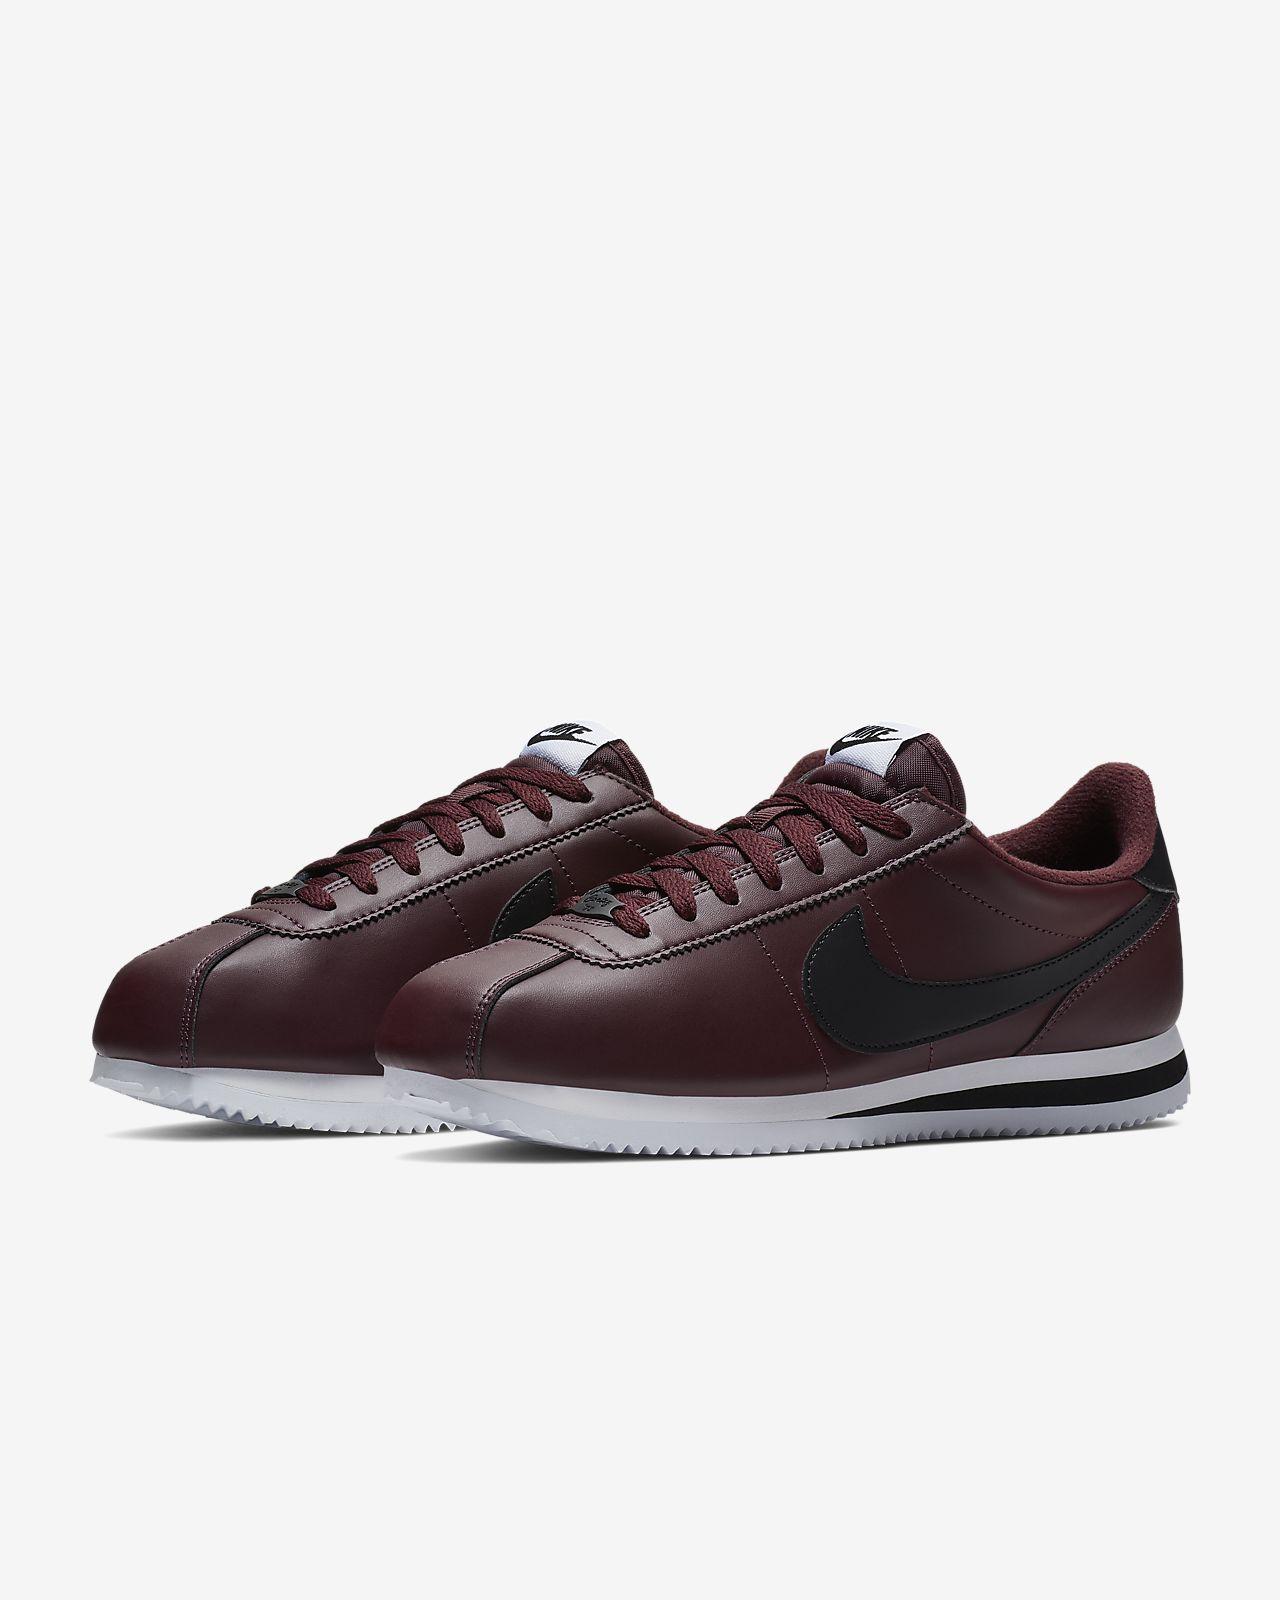 125cb885a8fc Nike Cortez Basic Men s Shoe. Nike.com